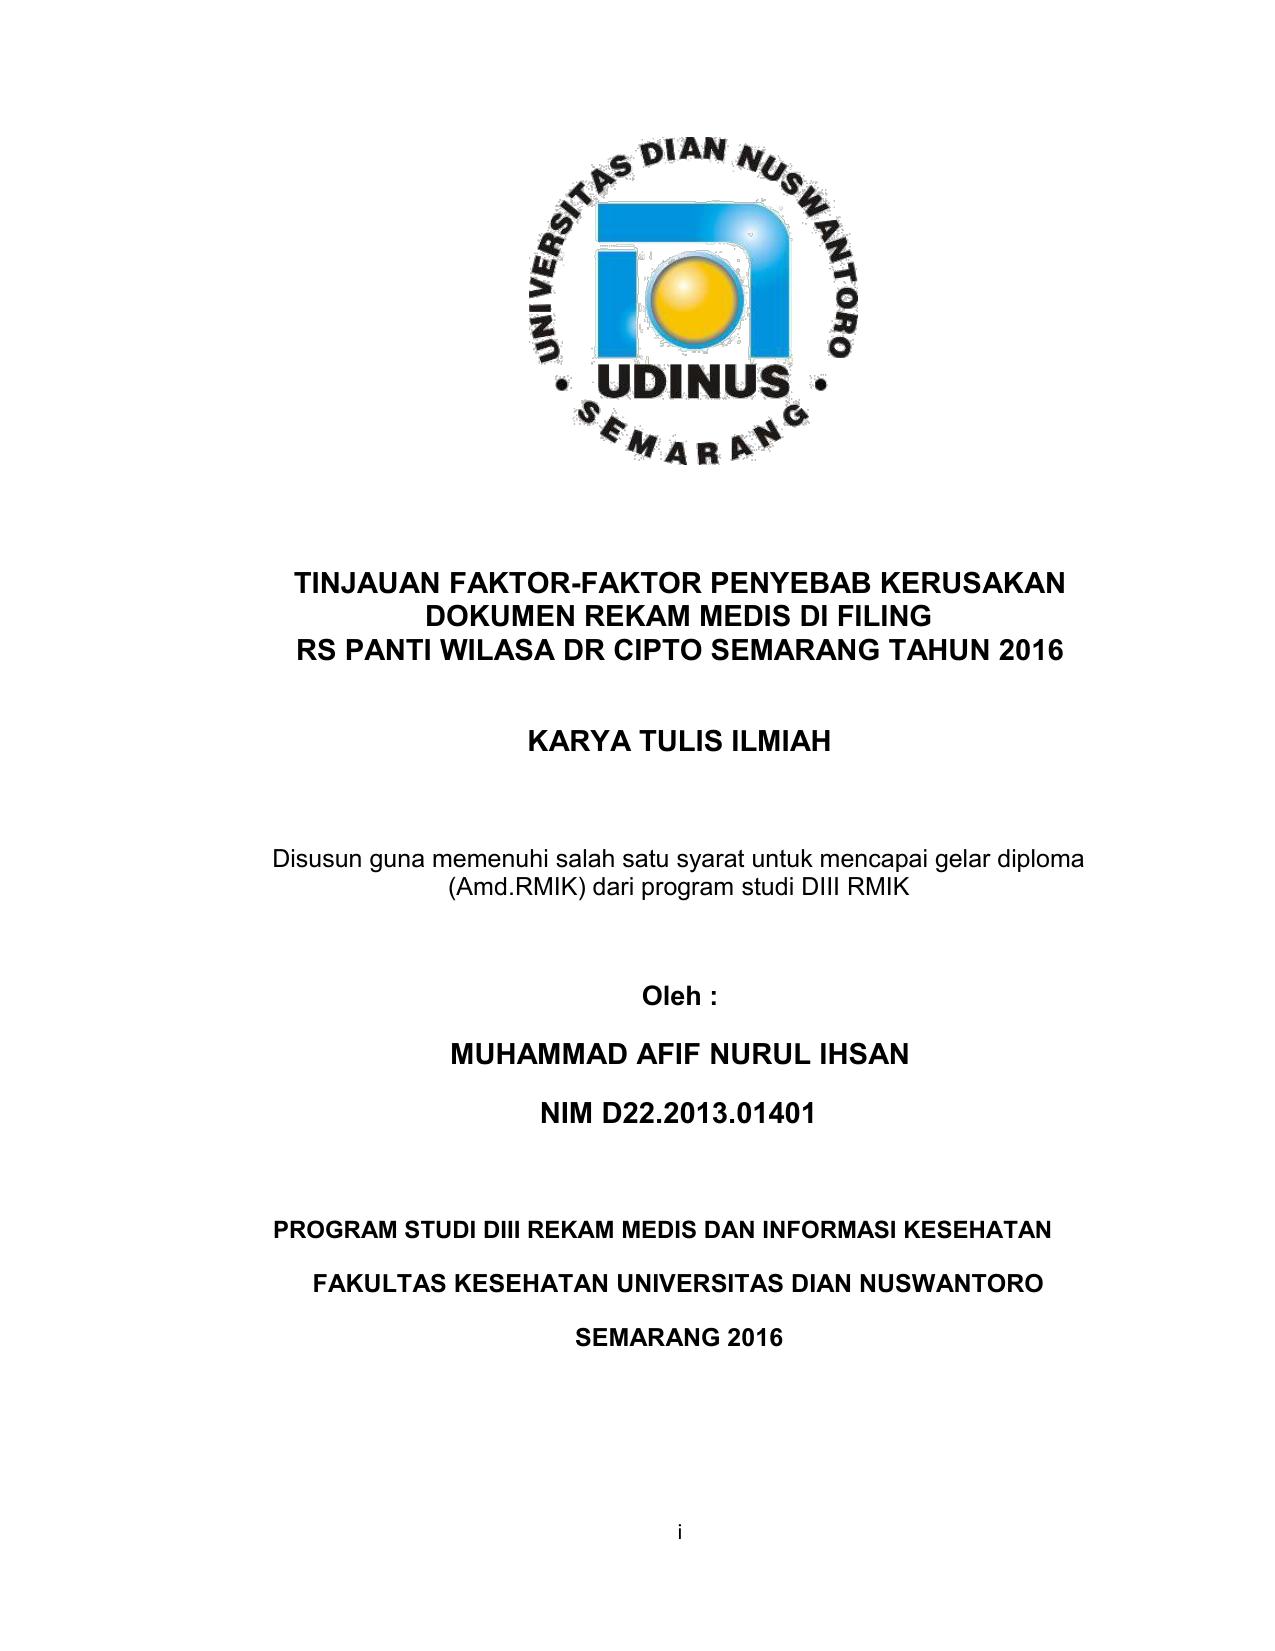 Contoh Proposal Kti D3 Rekam Medis Barisan Contoh